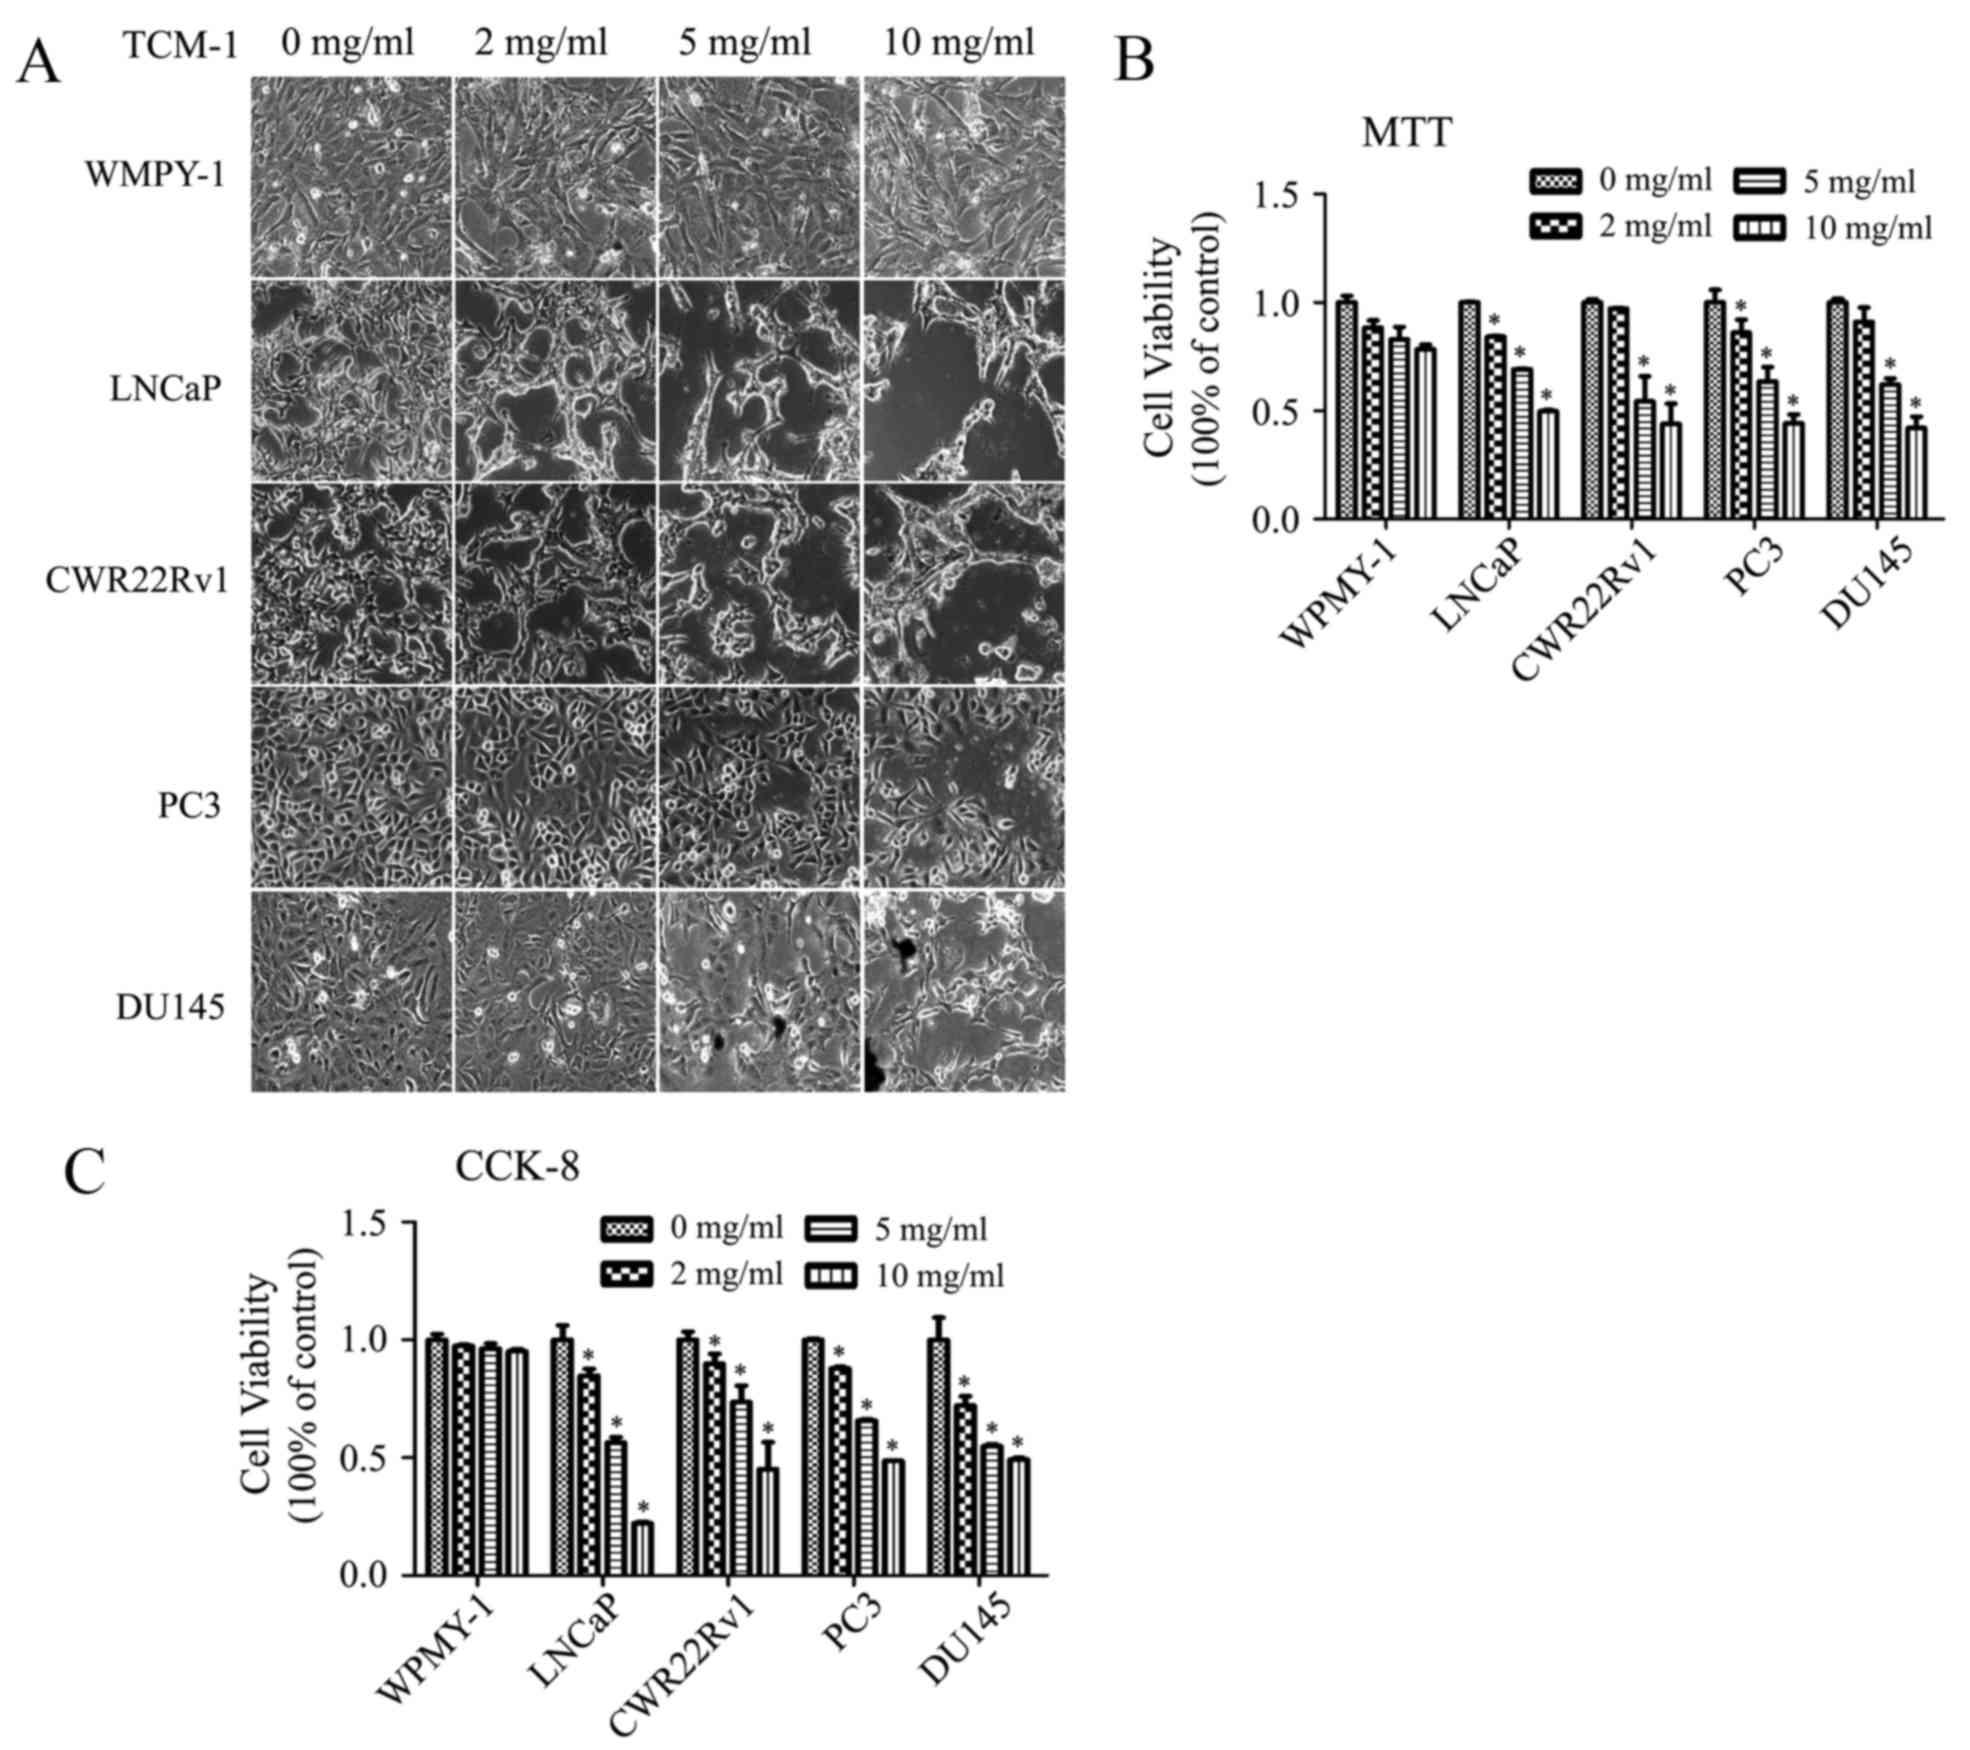 Lutecio-177-PSMA-617 en cáncer de próstata metastásico de bajo volumen